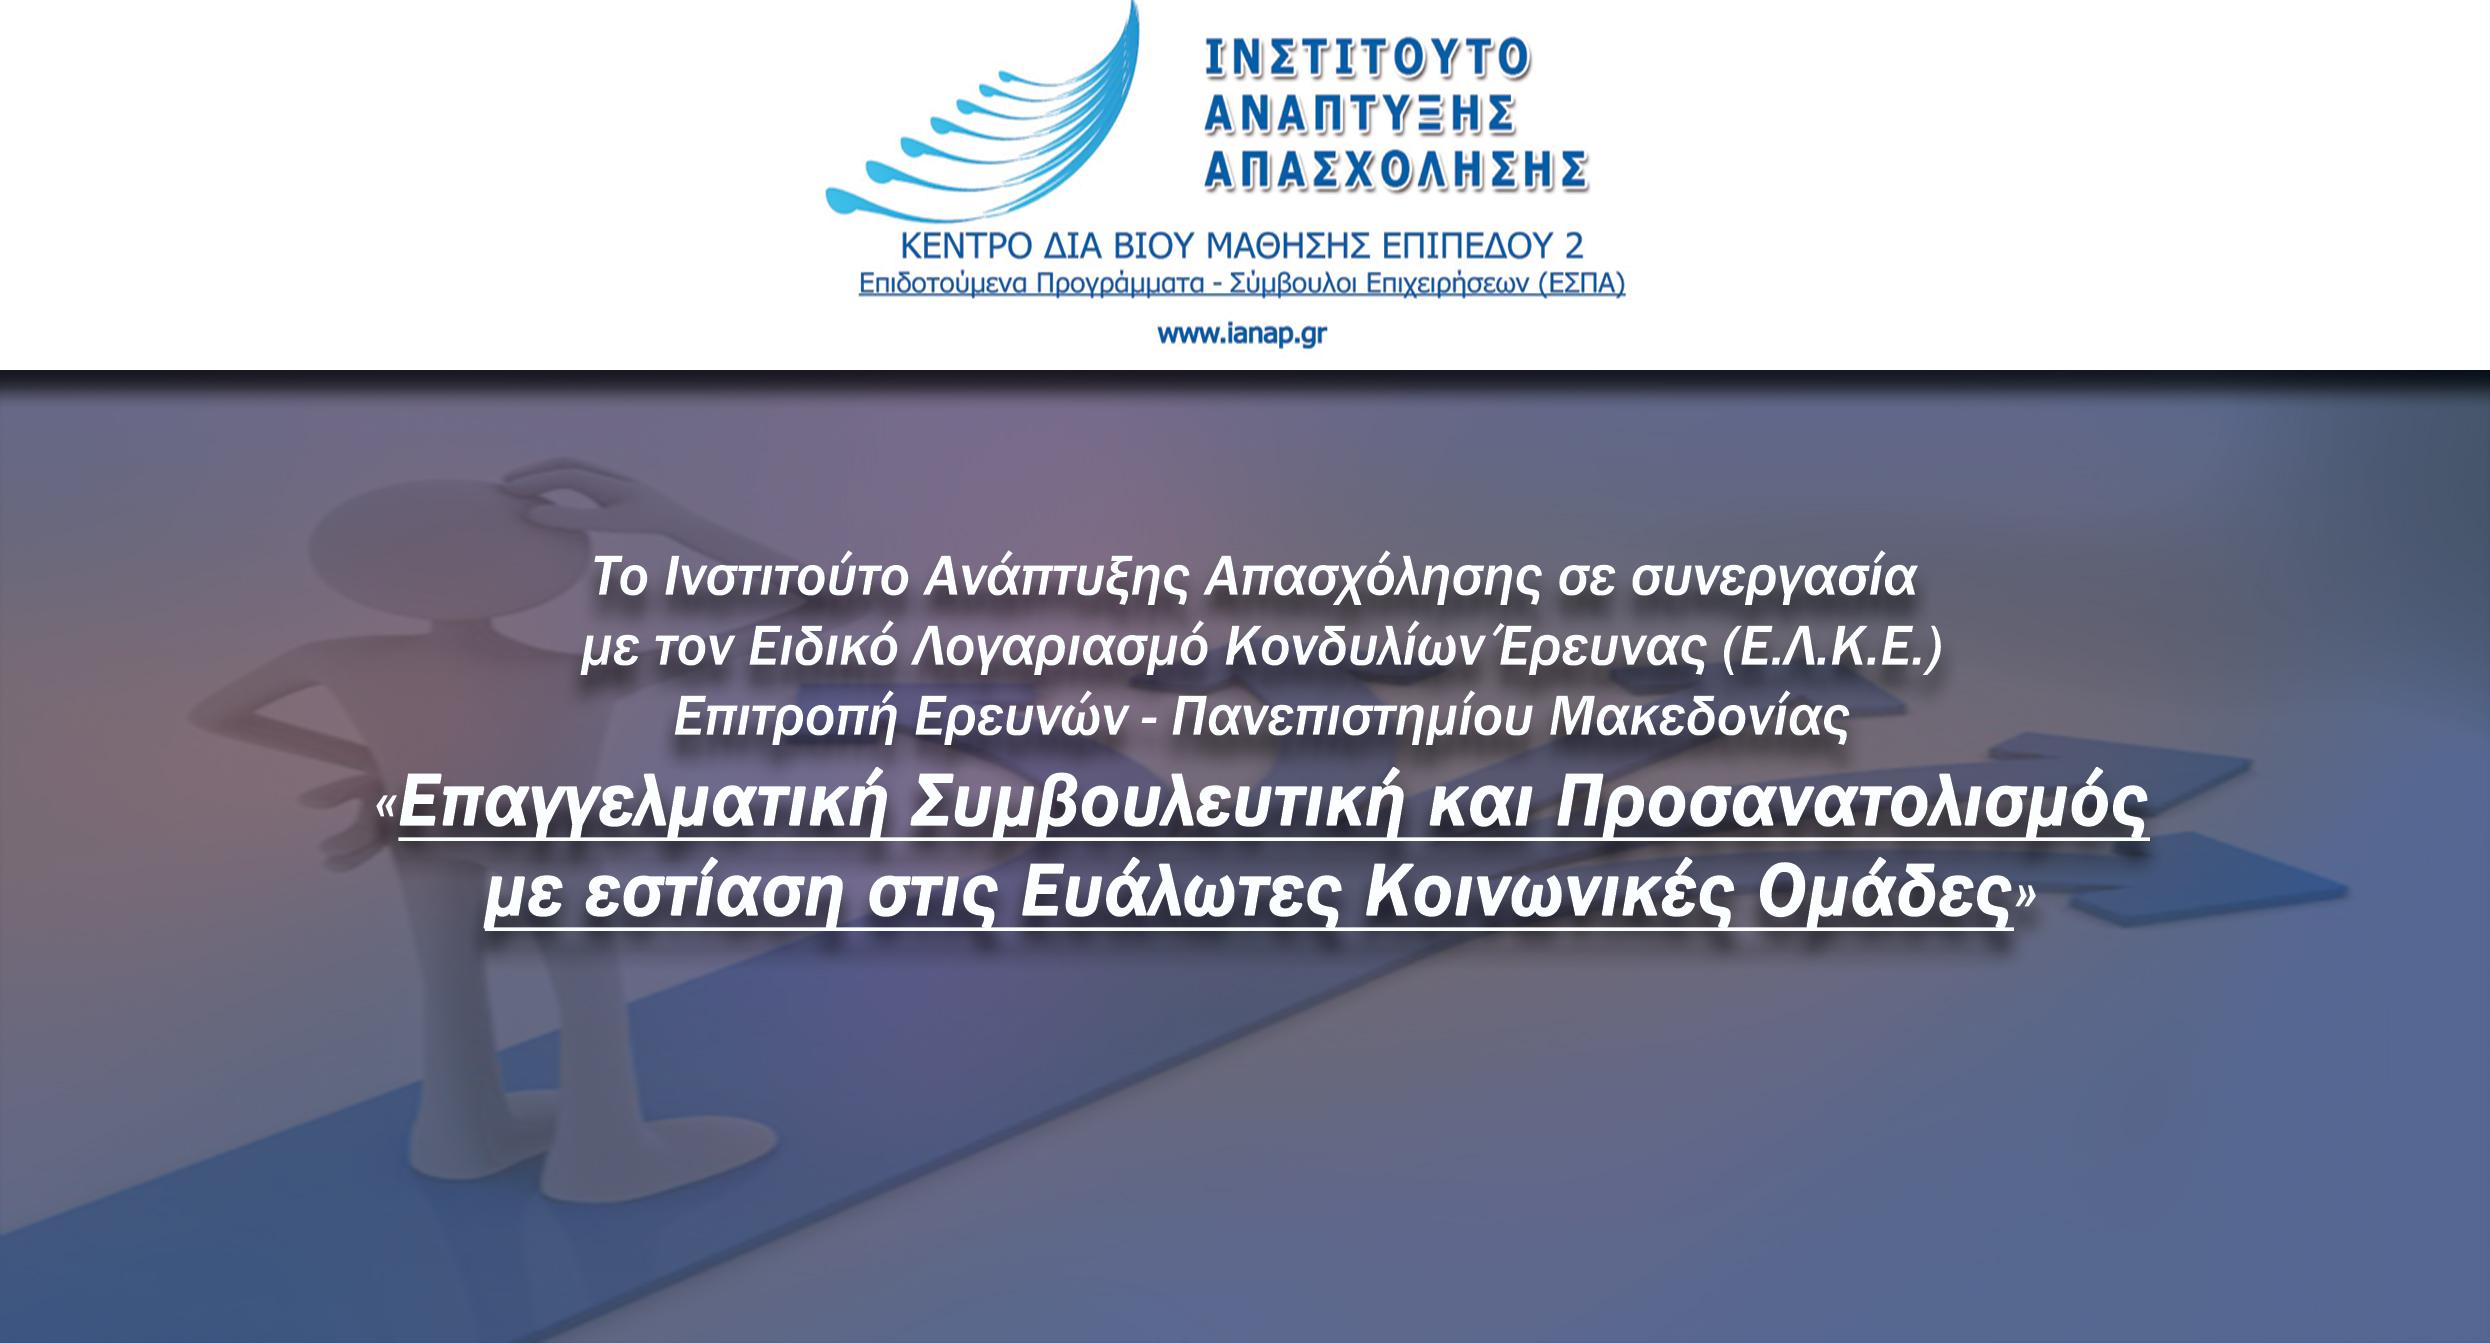 Επαγγελματική Συμβουλευτική και Προσανατολισμός με εστίαση στις Ευάλωτες Κοινωνικές Ομάδες